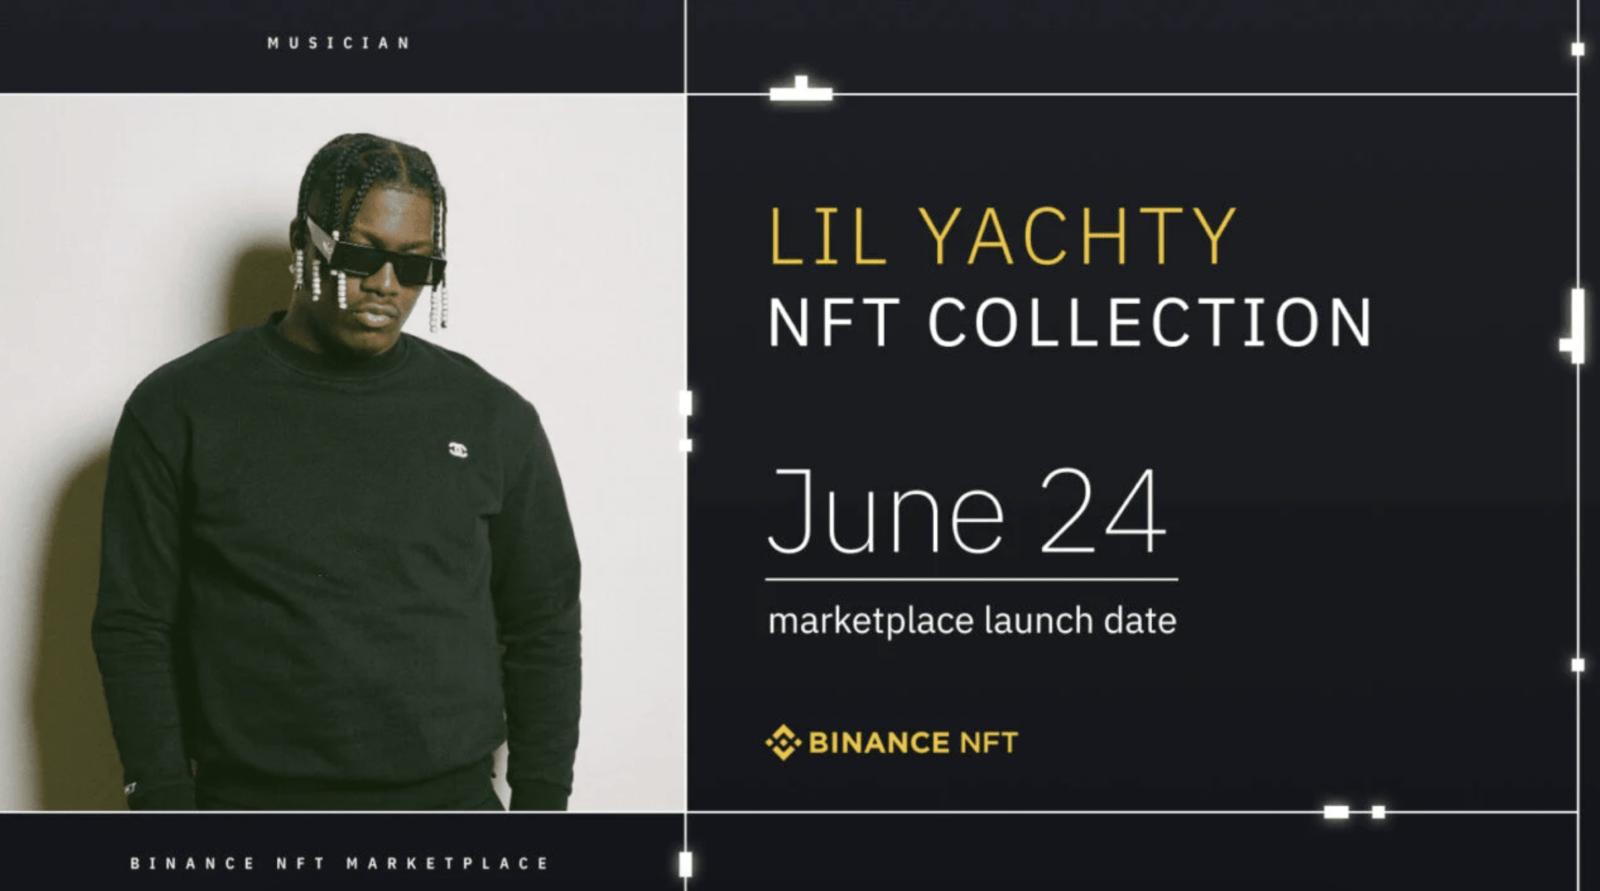 Lil Yachty NFT Collection on Binance NFT